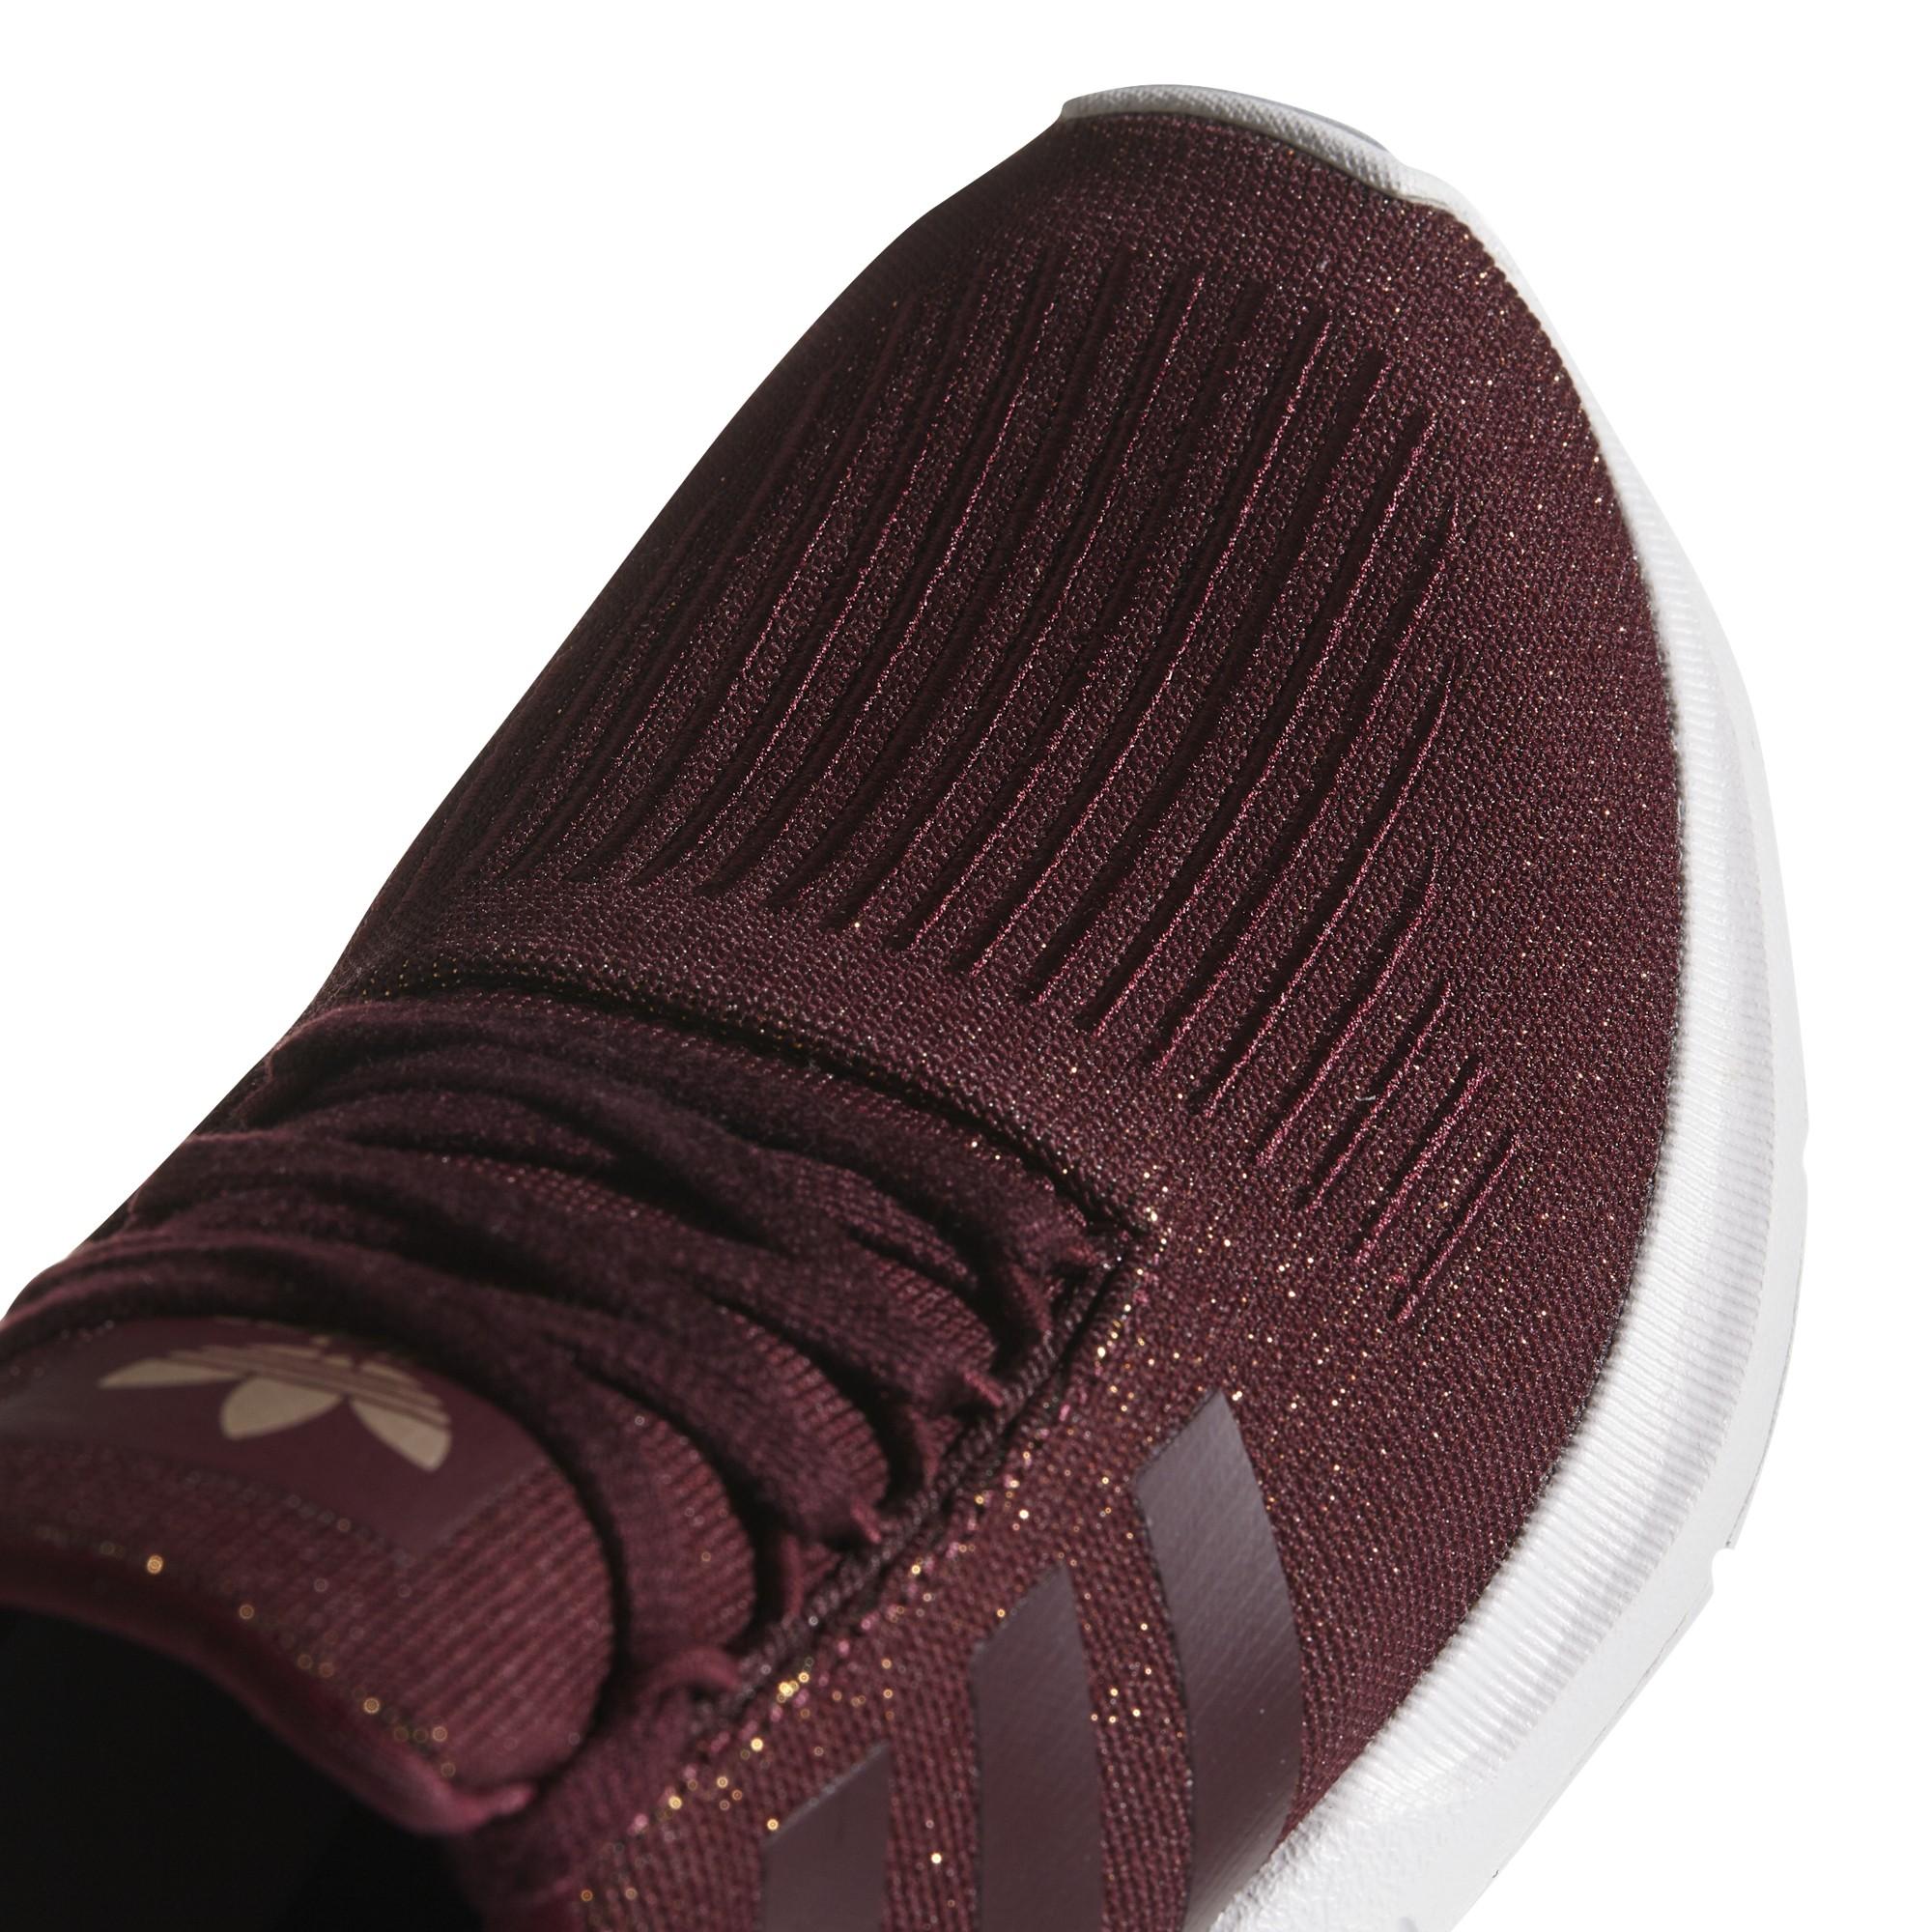 Descuento Barato Auténtica Adidas Donna Shift Run Bordeaux Liquidación Liquidación Mejor Precio cJiWew7